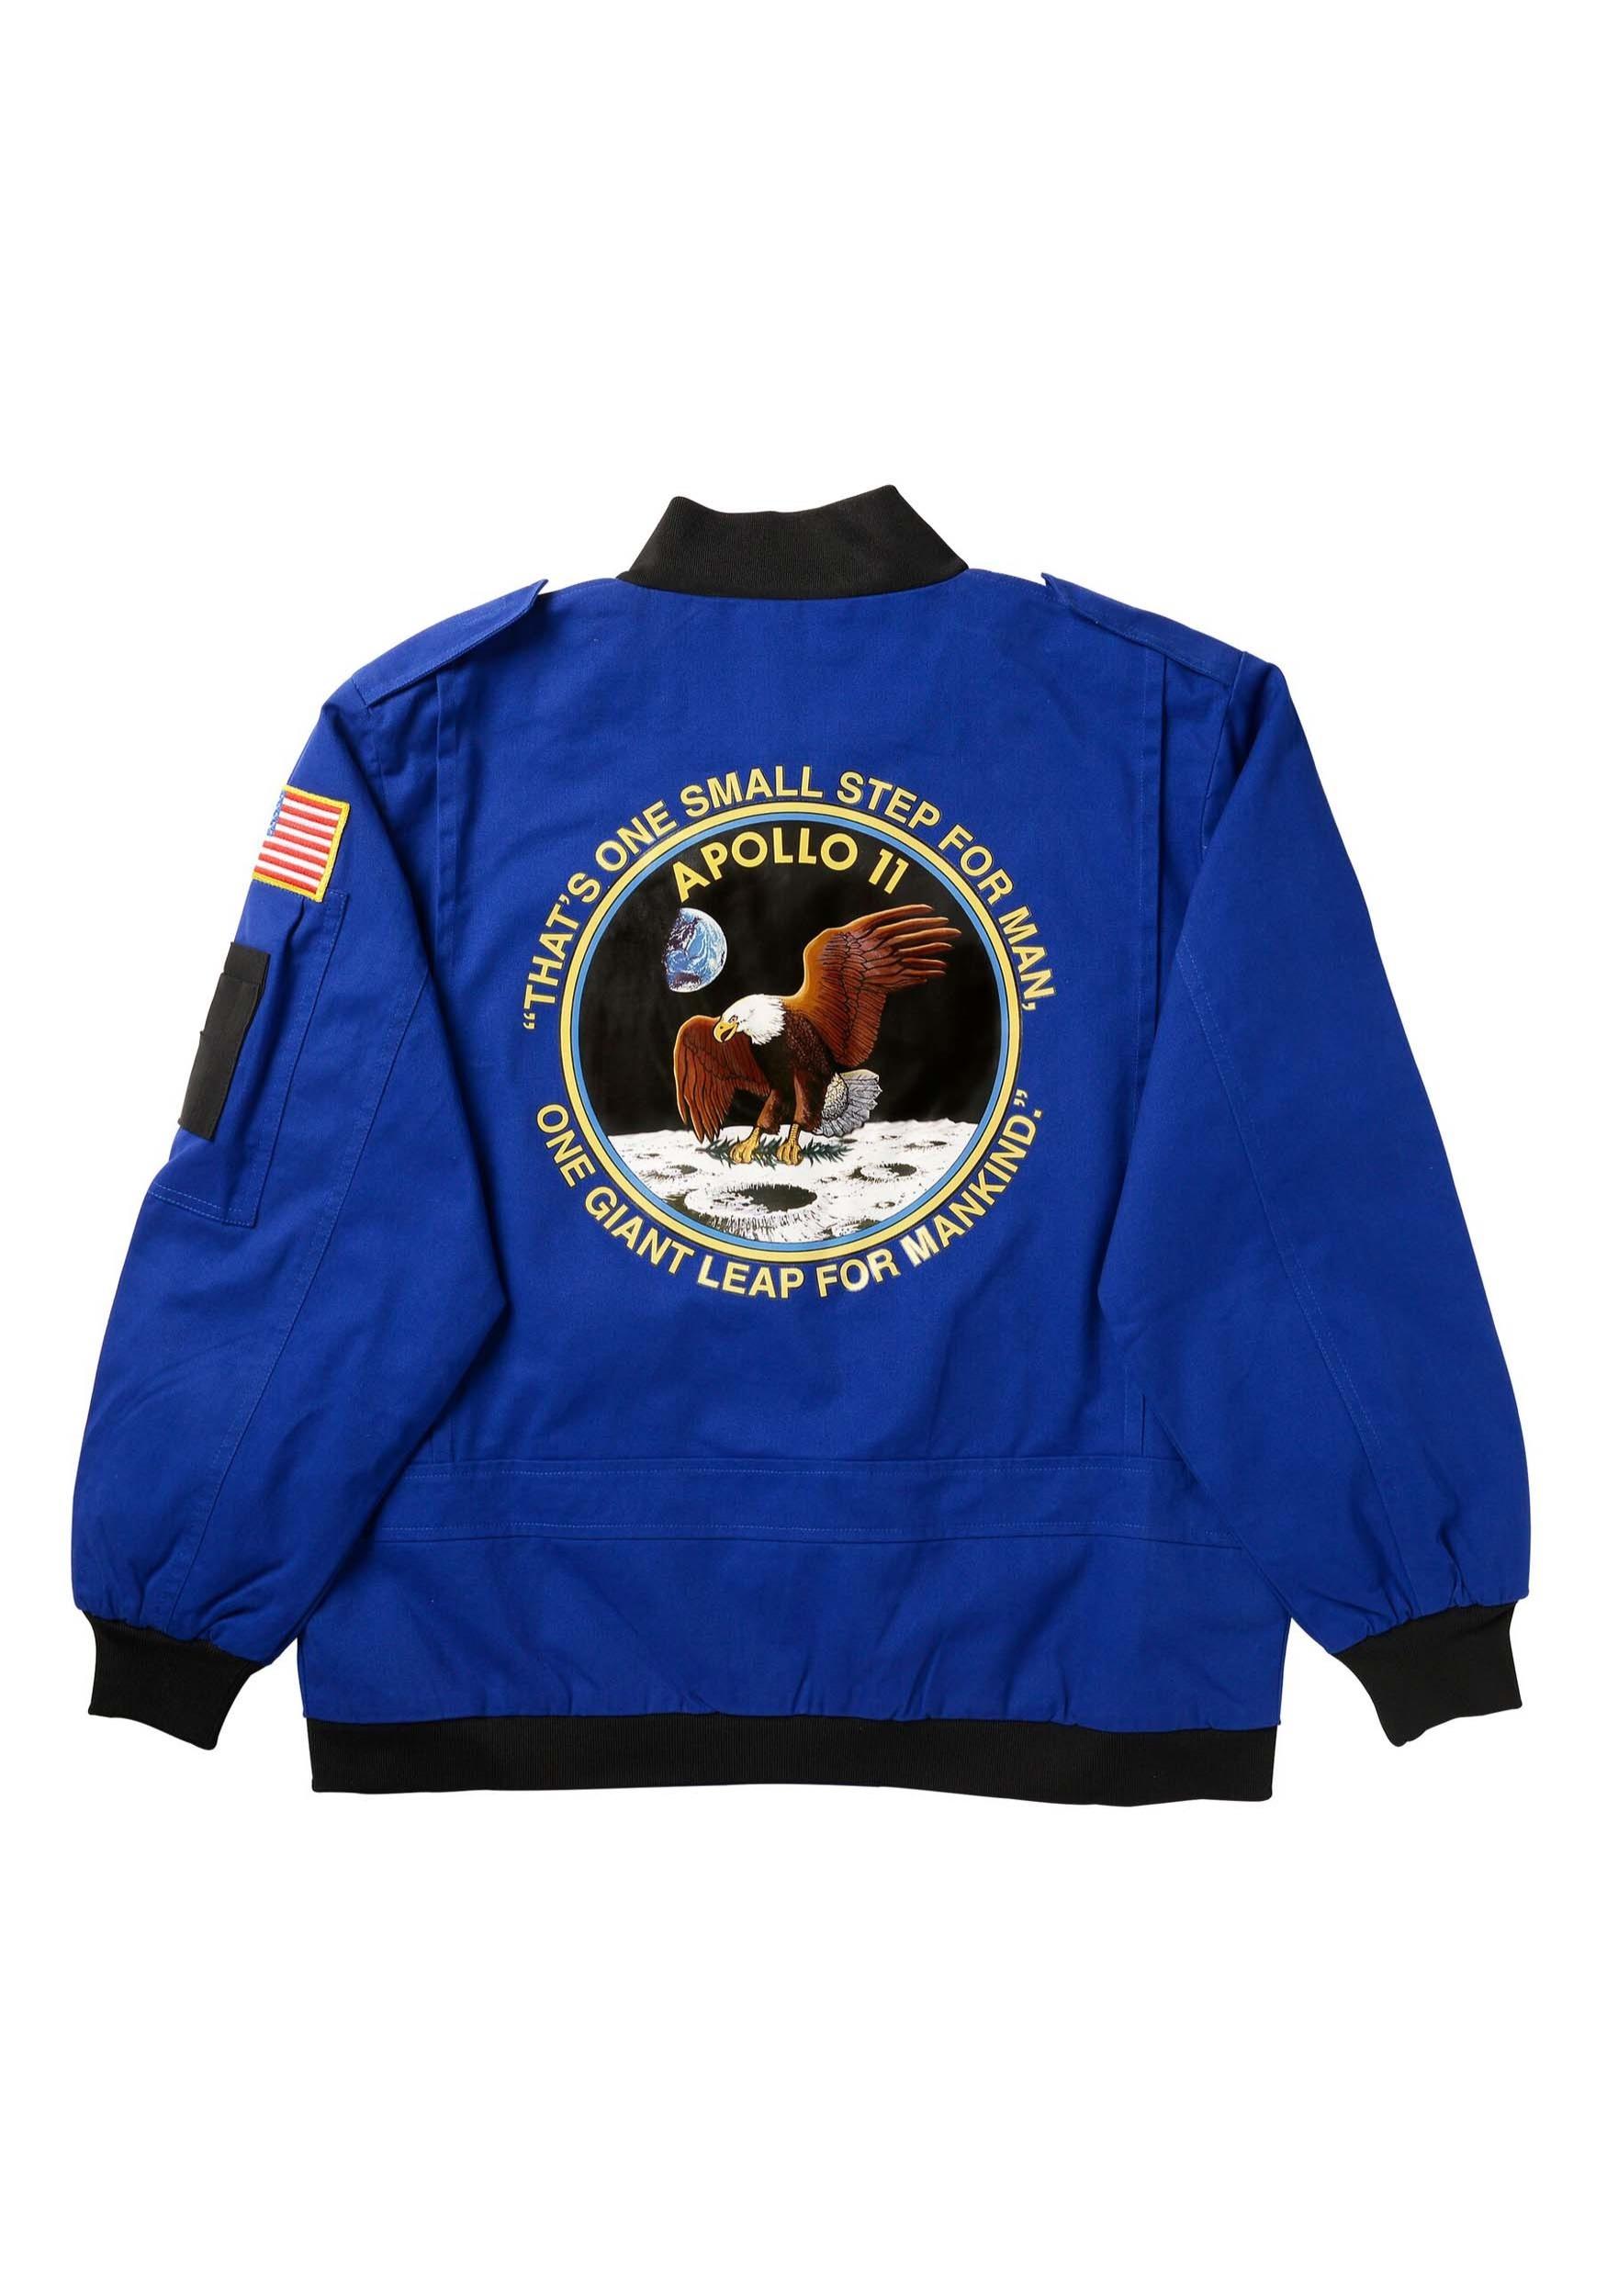 nasa apollo jacket replica - photo #18